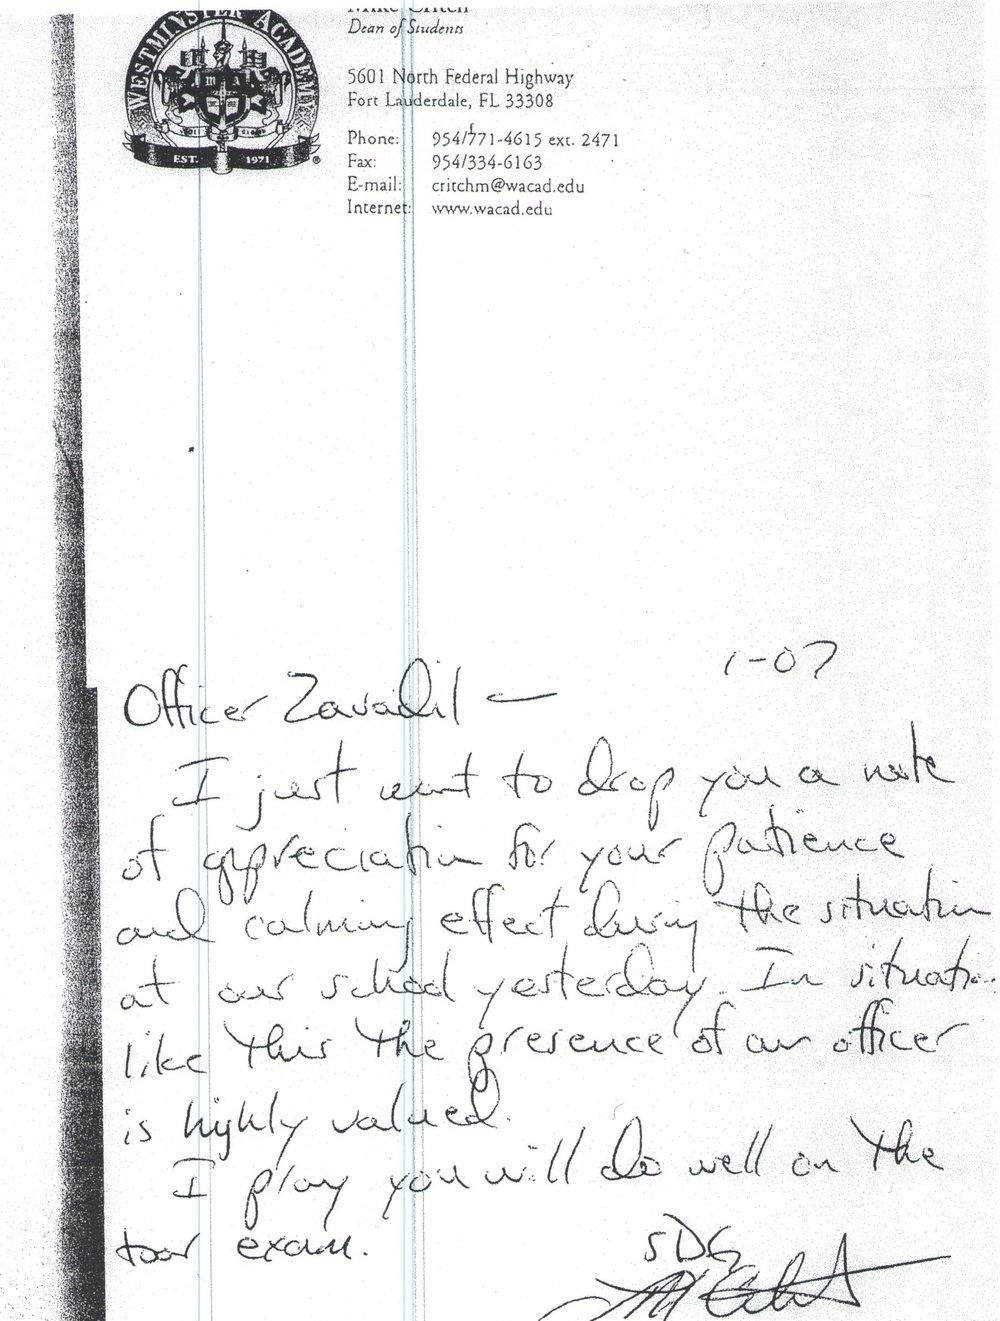 Letter of Appreciation for Handling School Matter .jpg